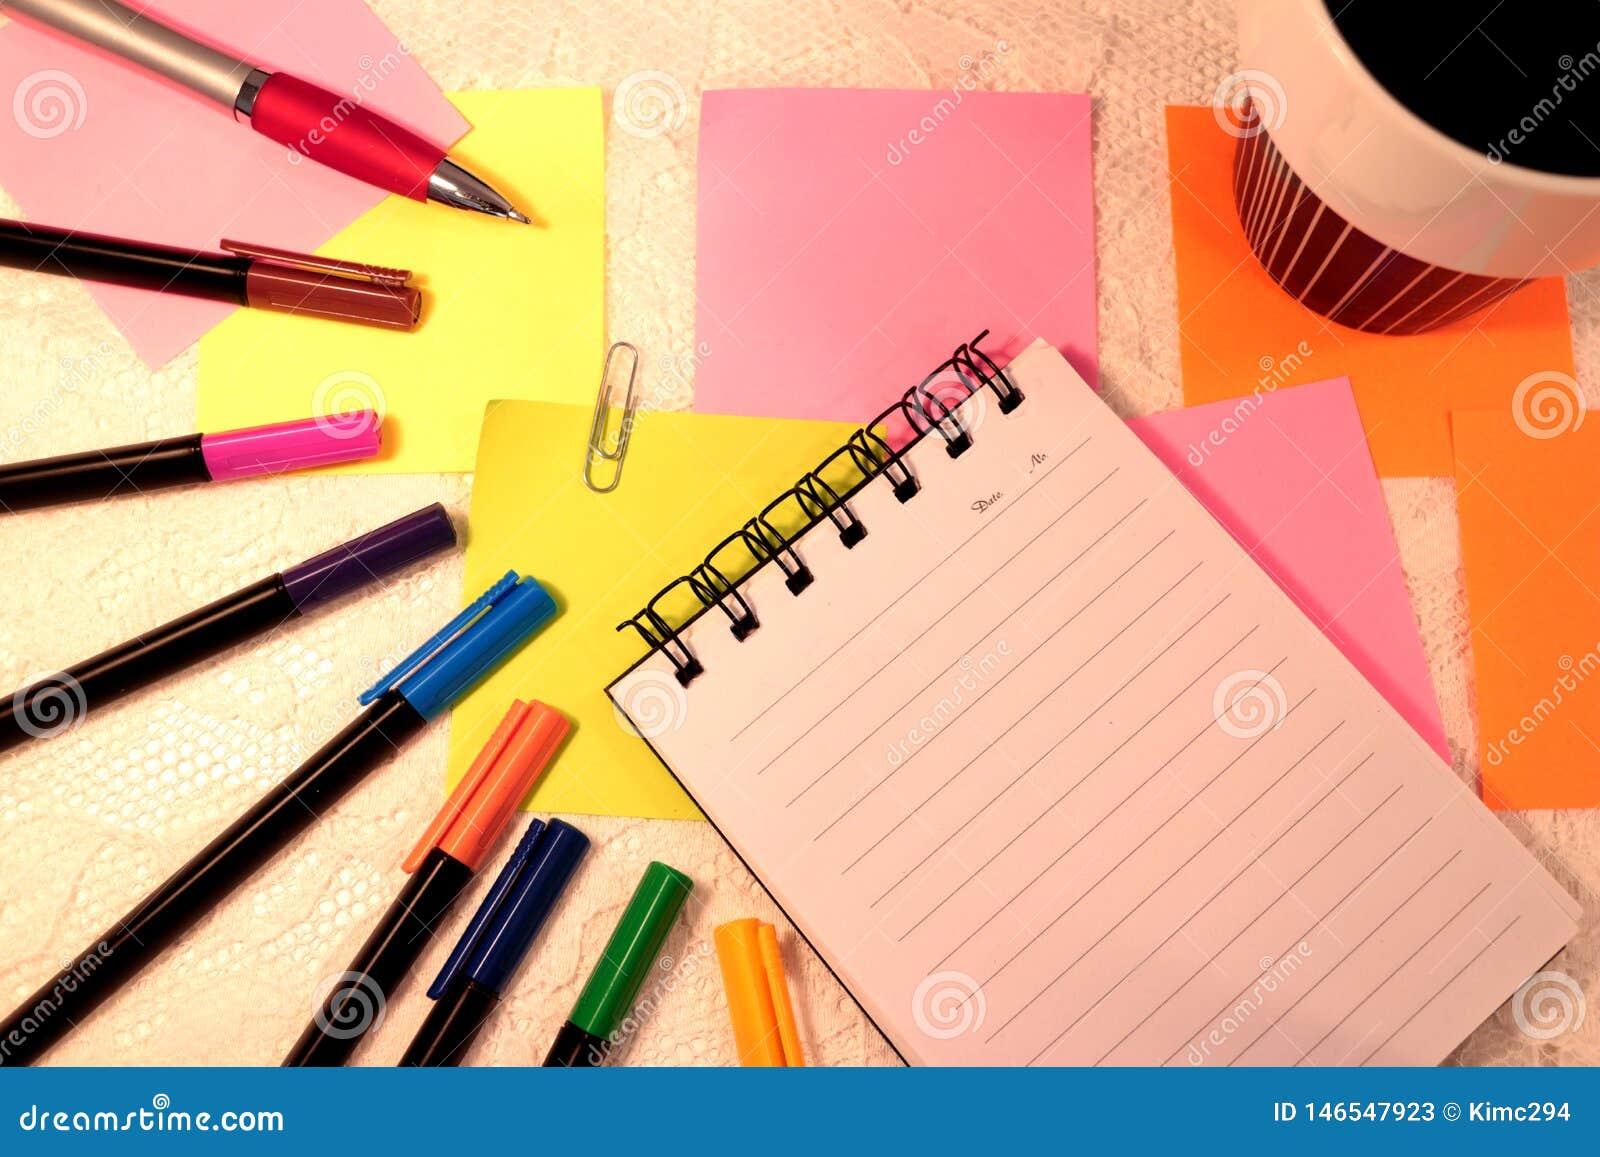 Taccuino, penne del feltro in vari colori, note appiccicose e una tazza di caffè